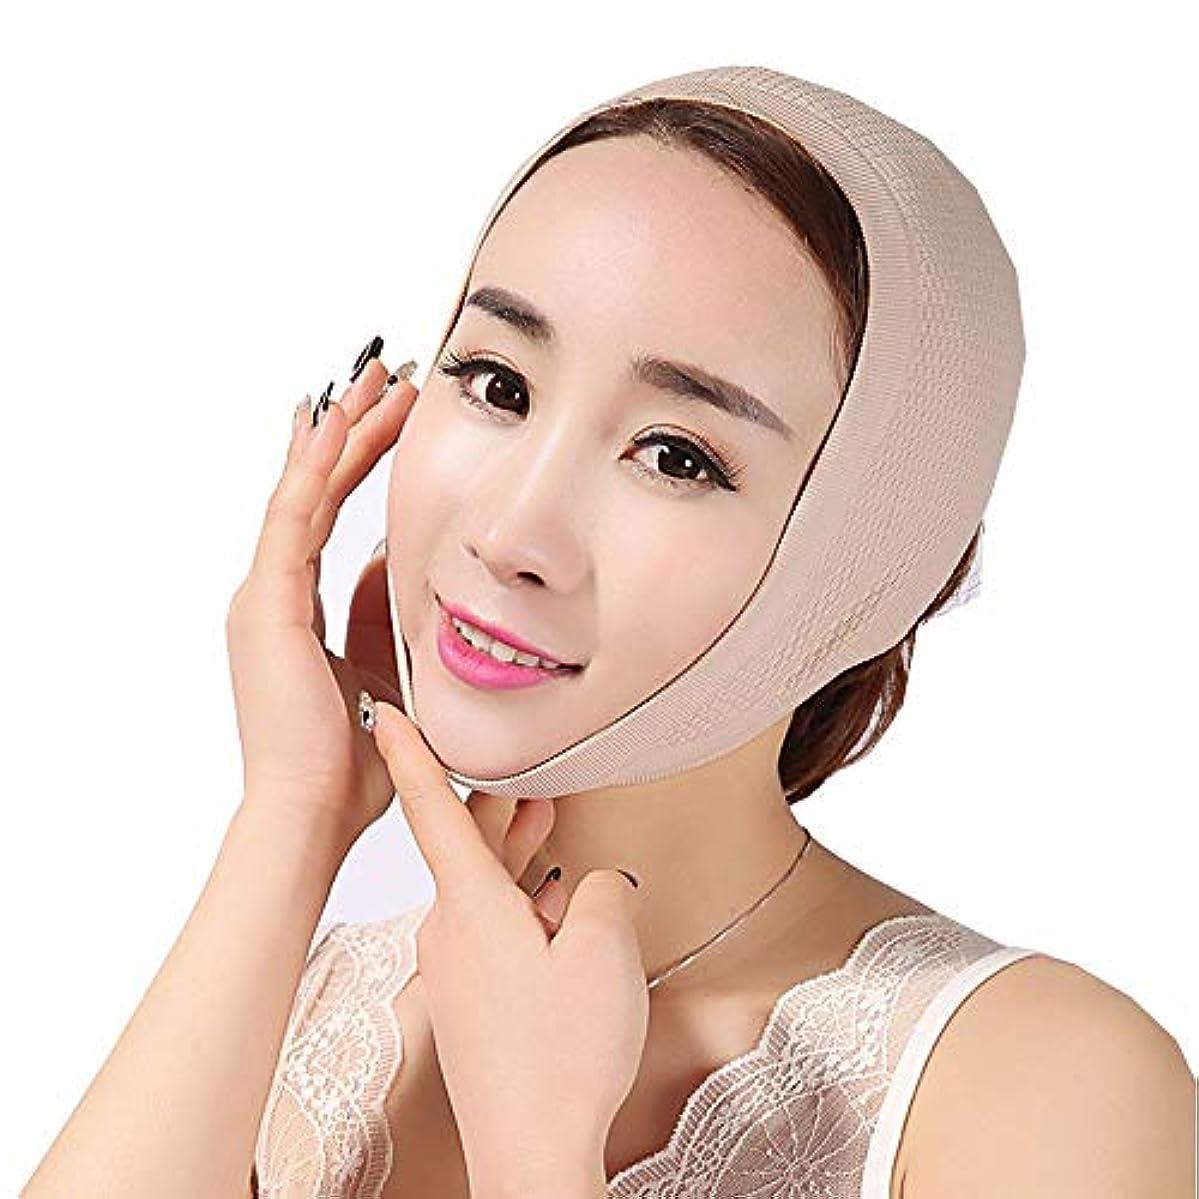 イースターマグ黙GYZ フェイスマスクで眠る薄い顔フェイスリフトフェイスリフトアーティファクトスモールフェイスVフェイスリフト付きフェイスフェイス包帯引き上げジョーセット Thin Face Belt